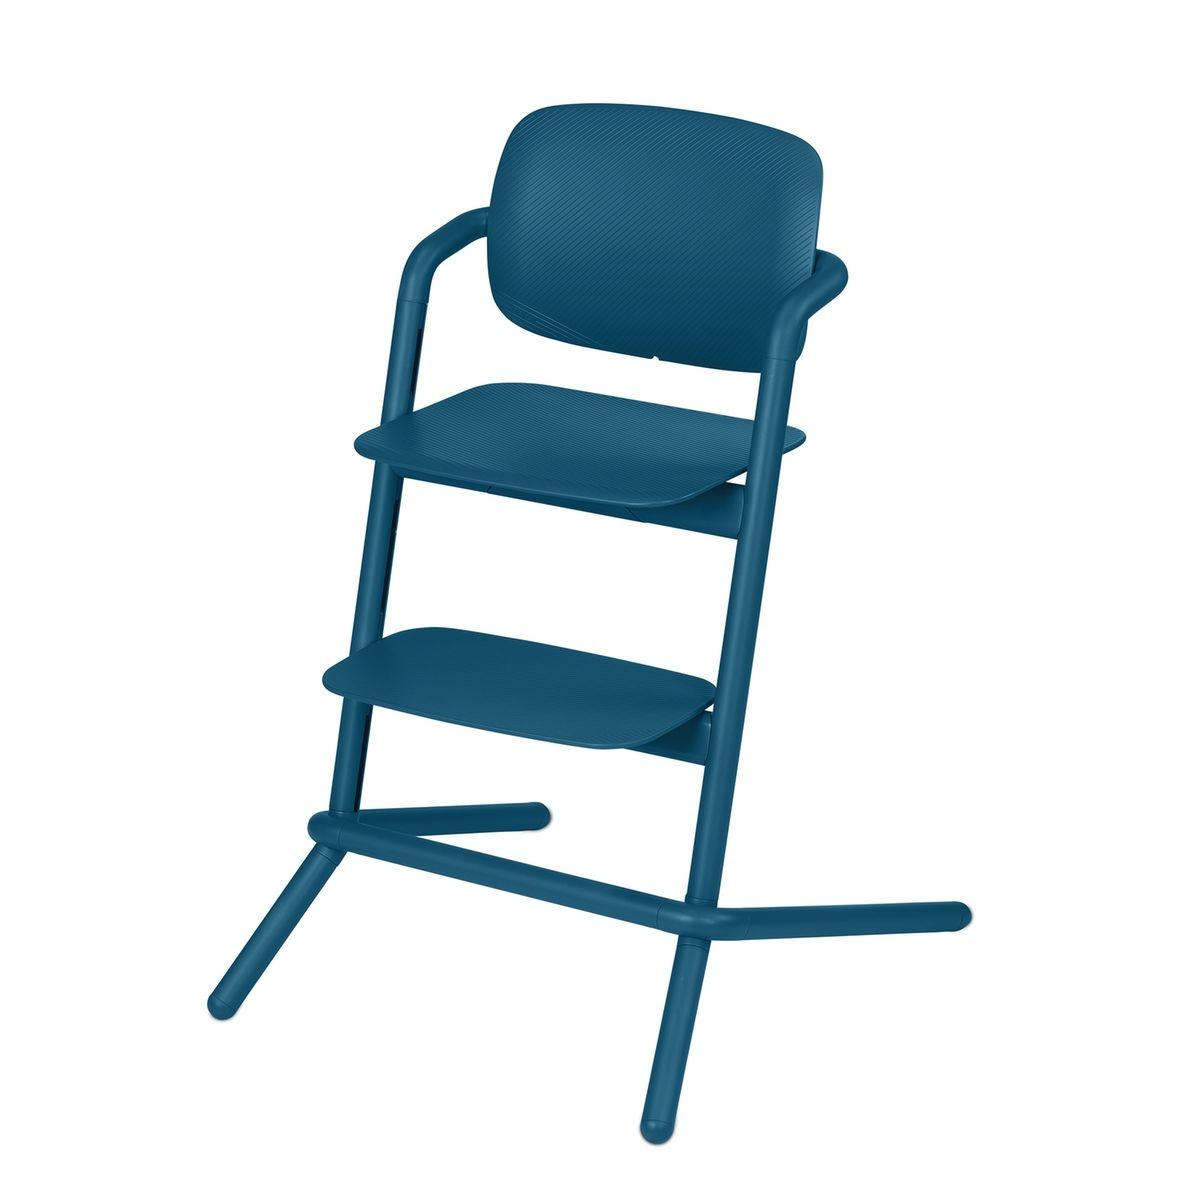 Chaise haute plastique LEMO